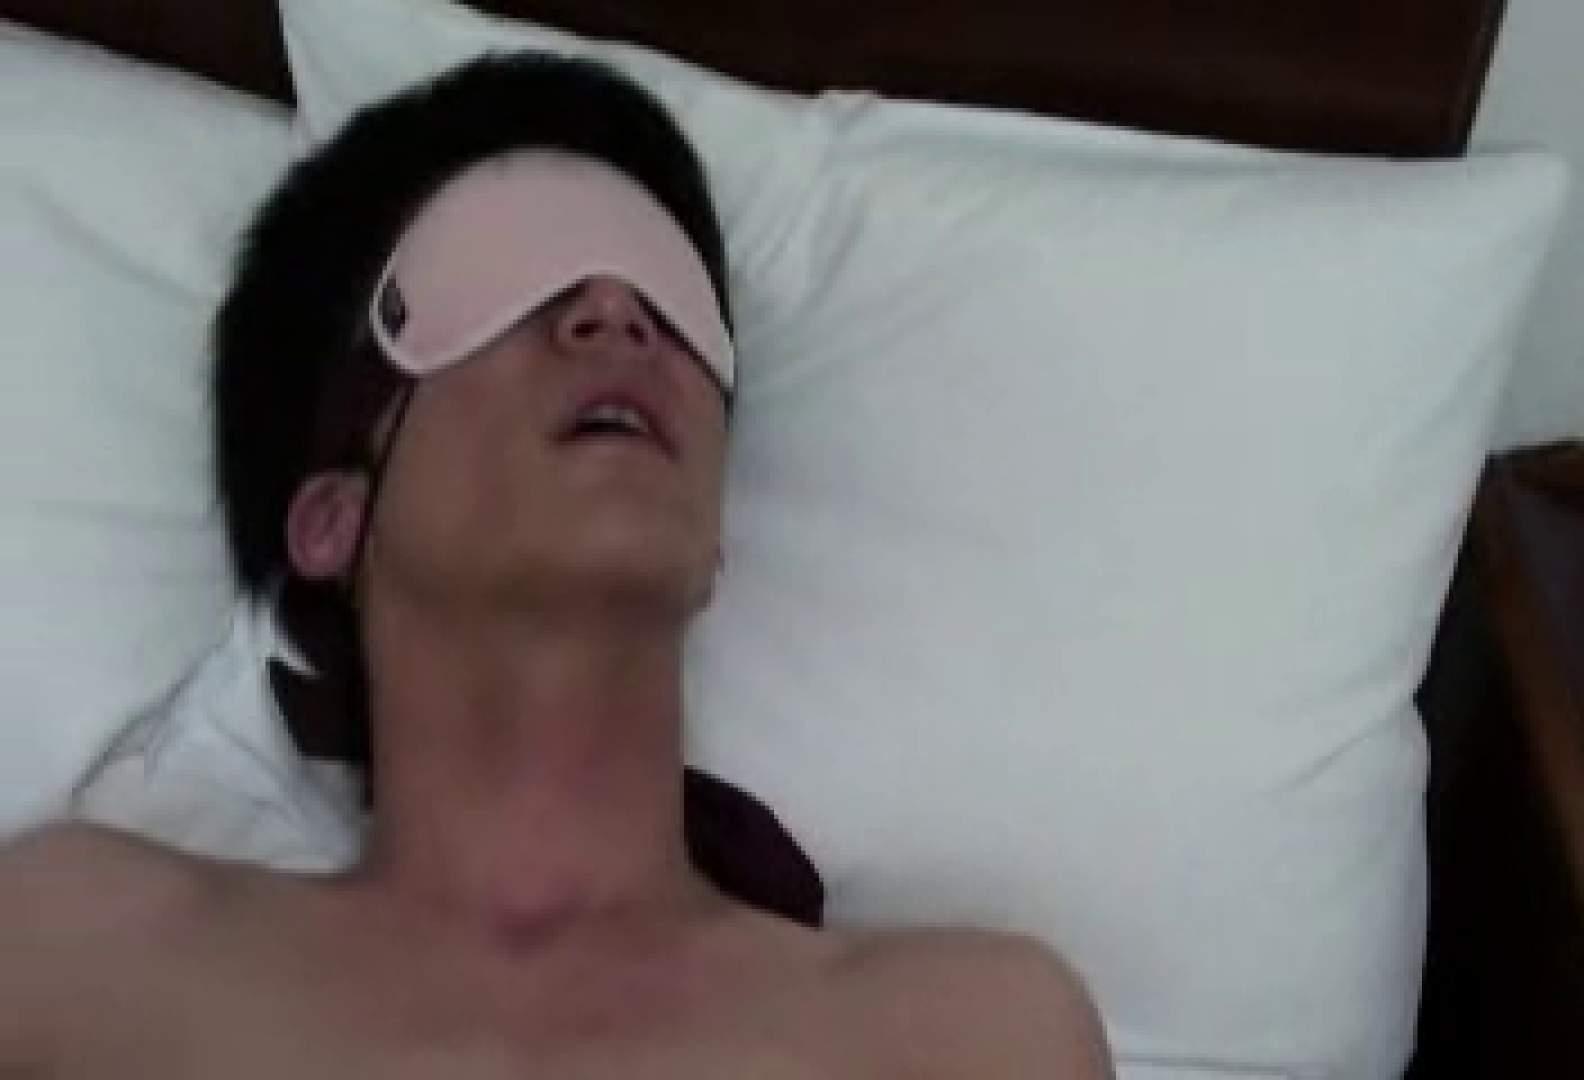 アイマスクでおもいっきり性感帯!!vol.03 ハメ撮り ゲイエロビデオ画像 81枚 68